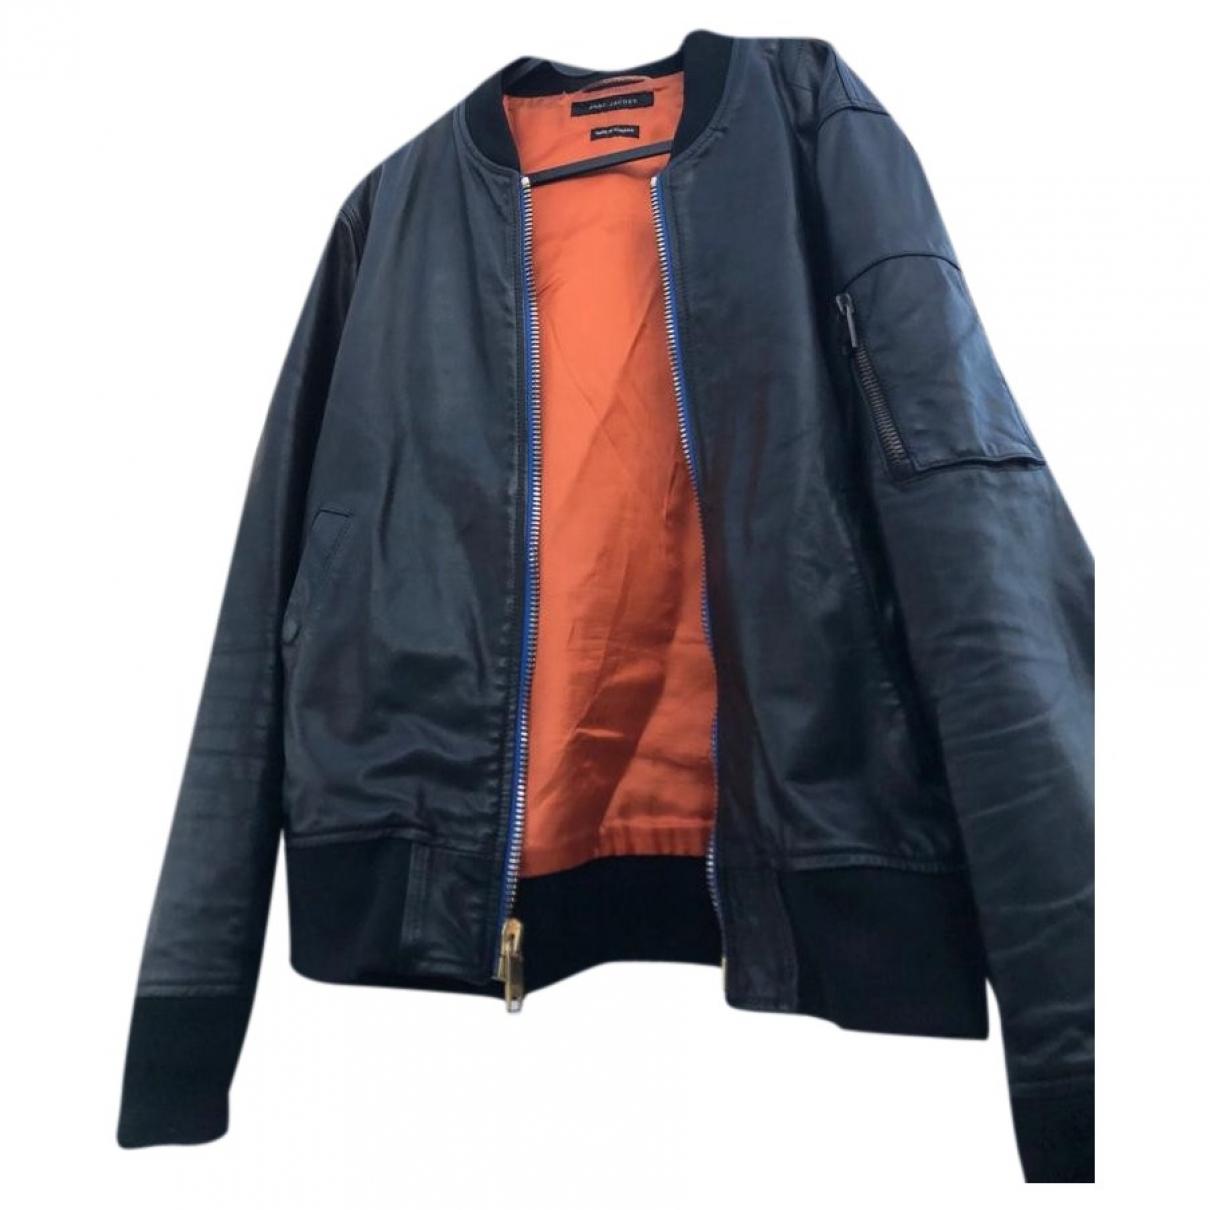 Marc Jacobs - Vestes.Blousons   pour homme en cuir - noir